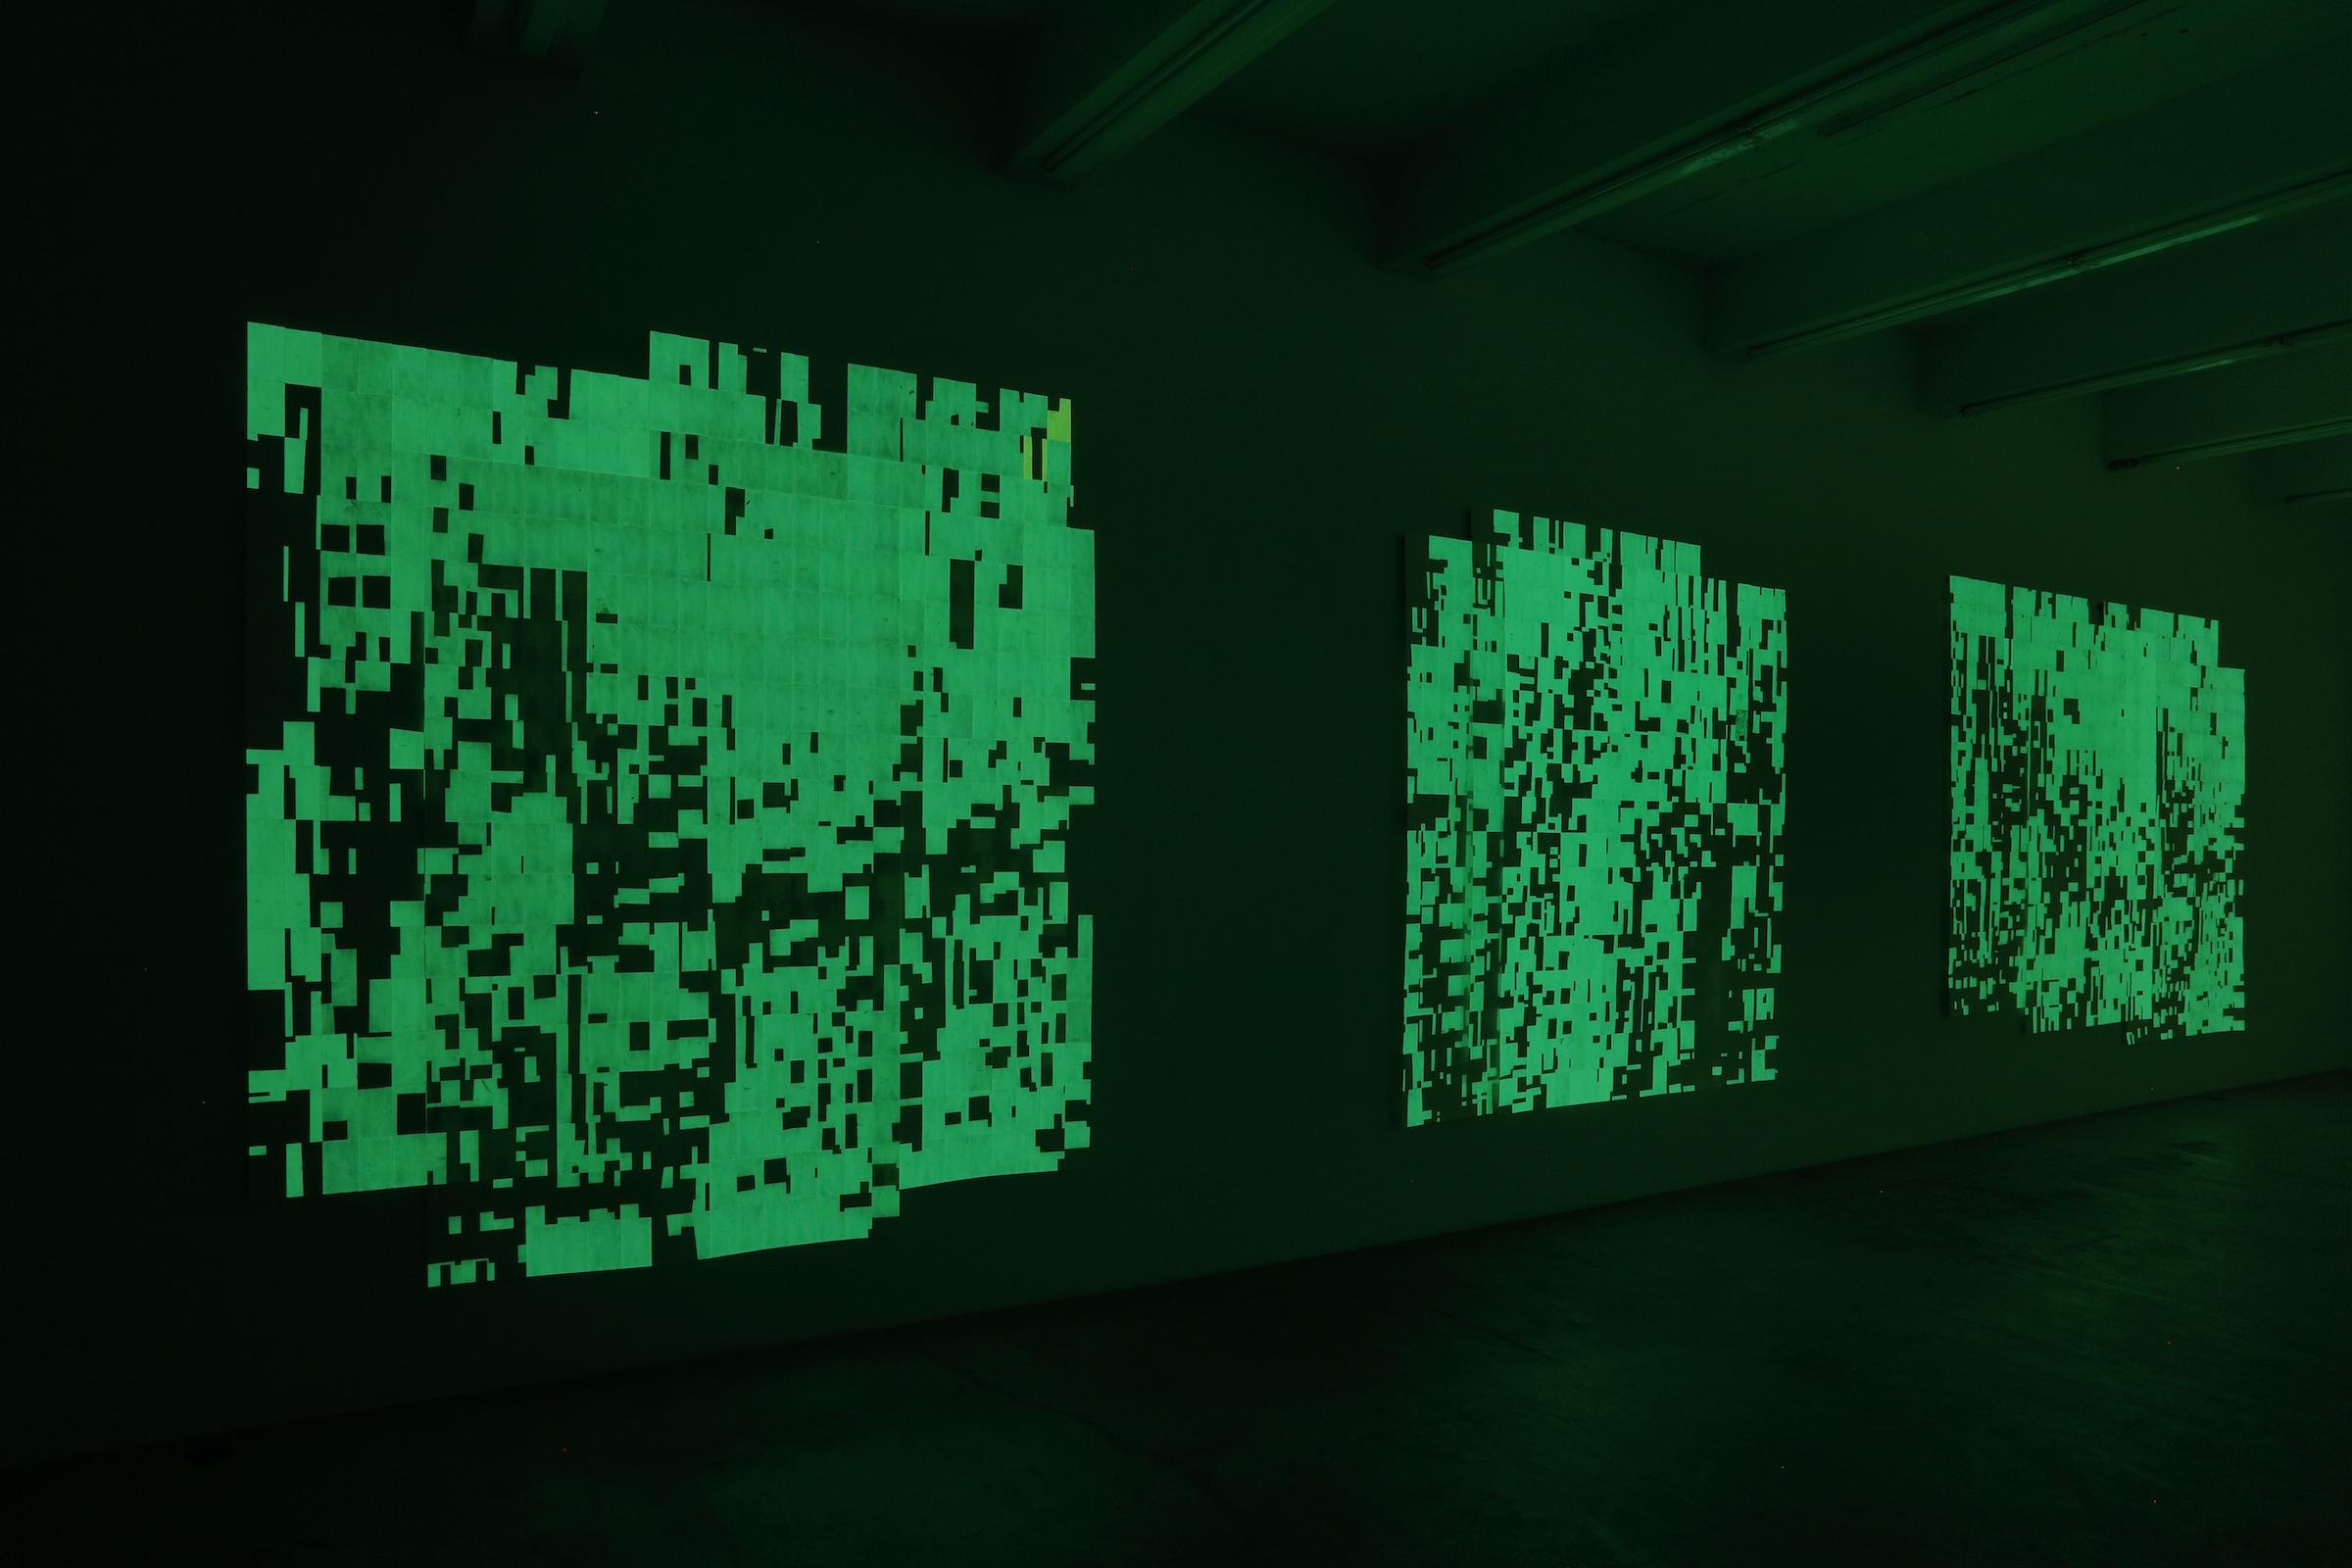 Installation view (dark), Winter, summer together, Martos Gallery, New York, 2016